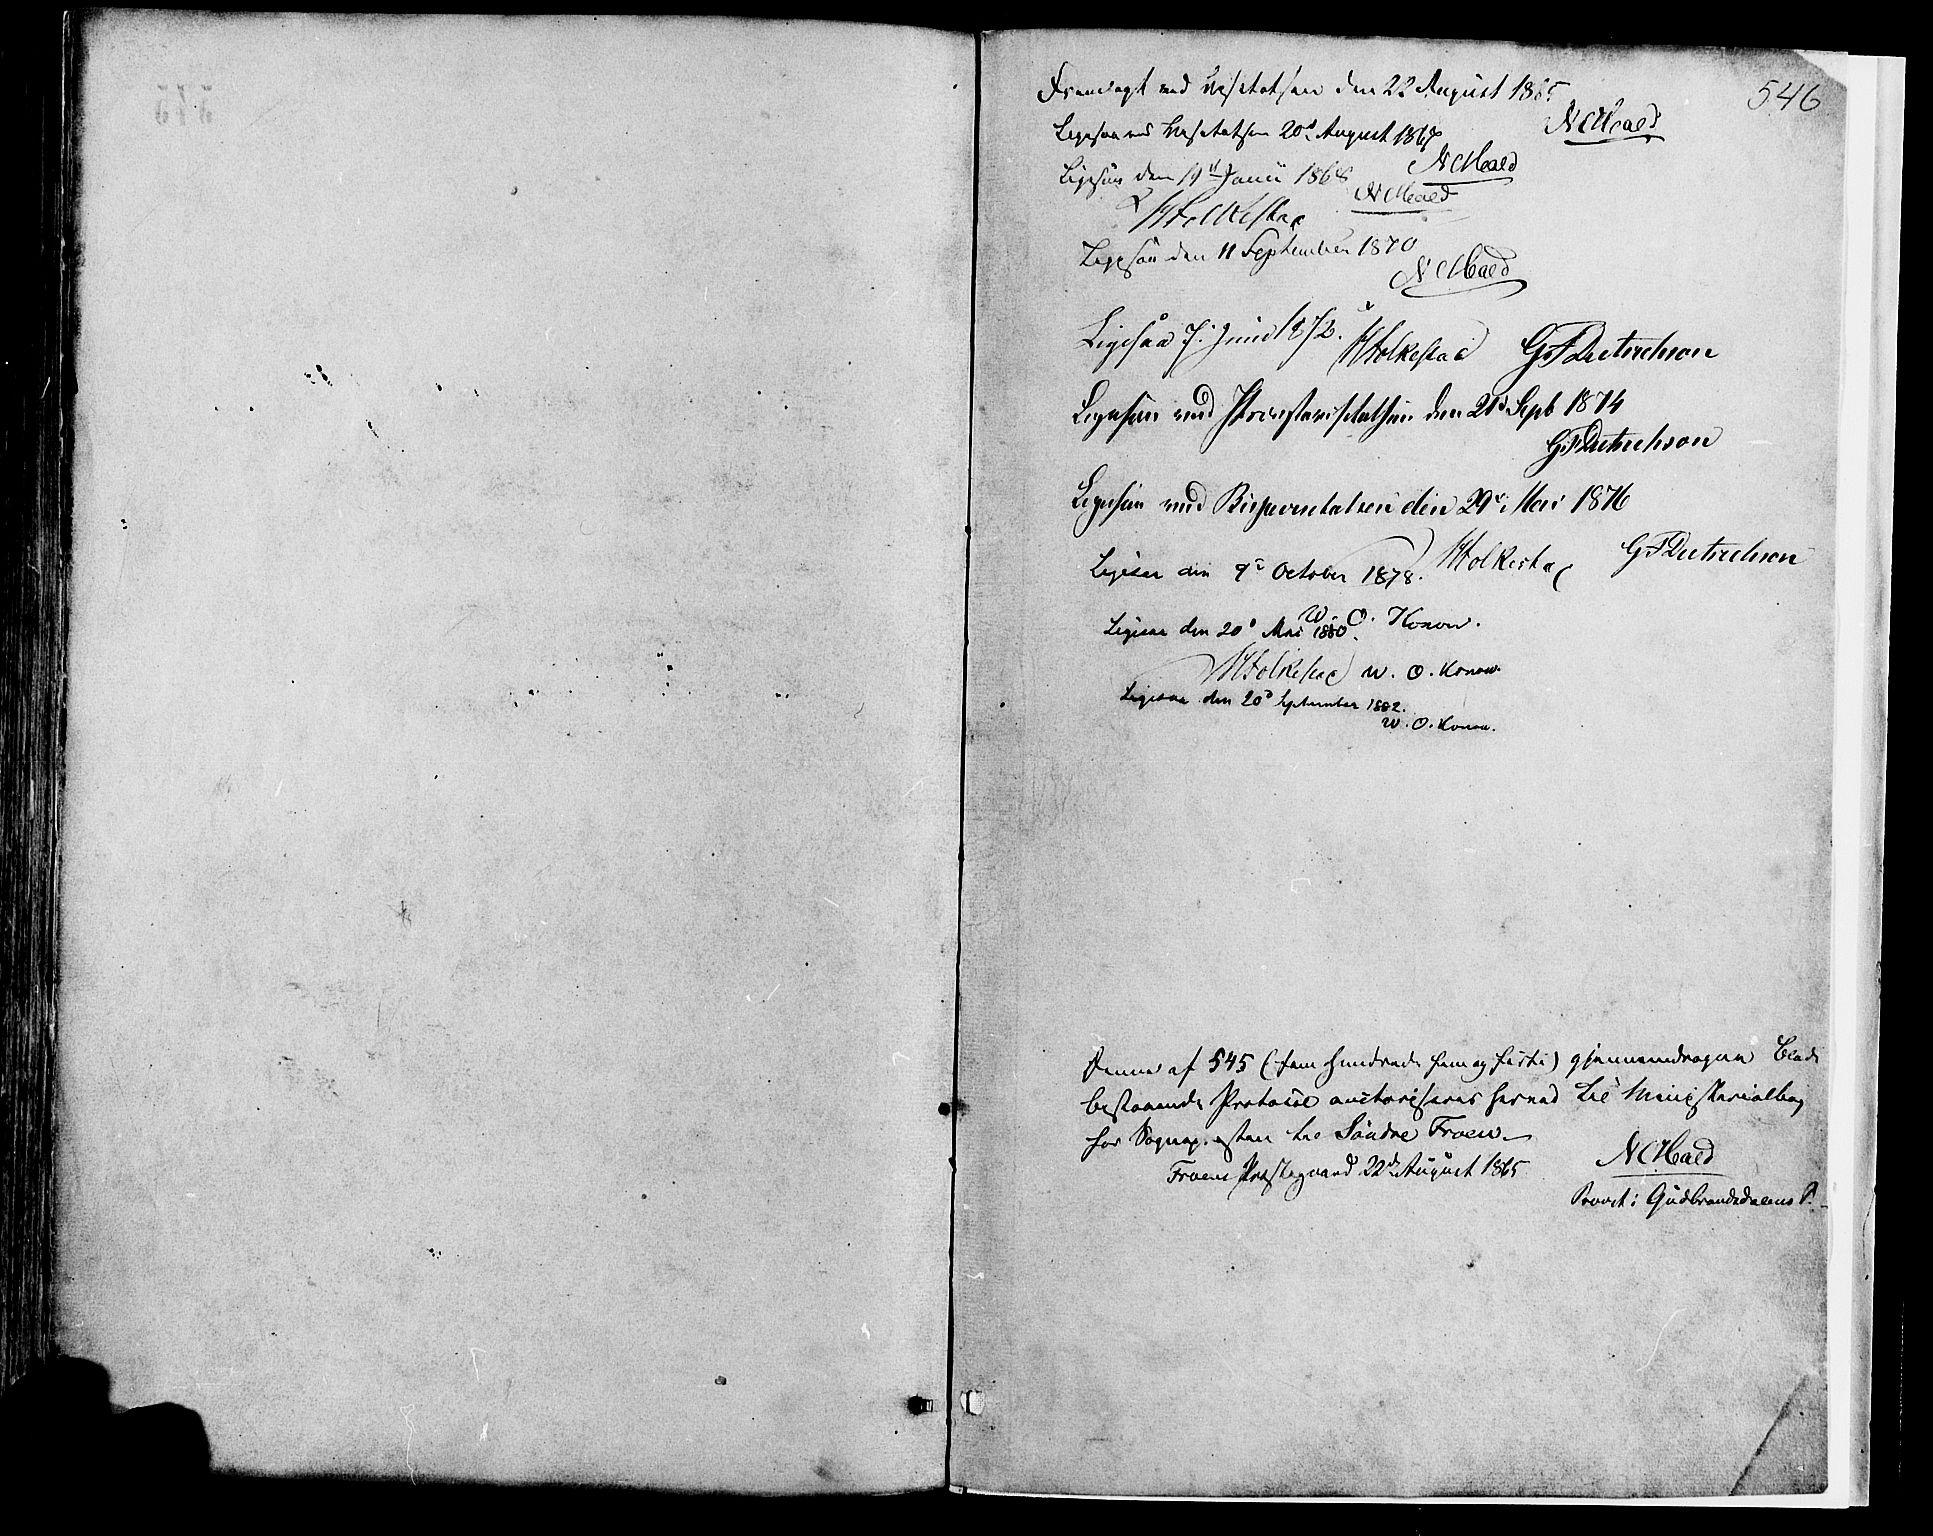 SAH, Sør-Fron prestekontor, H/Ha/Haa/L0002: Ministerialbok nr. 2, 1864-1880, s. 542